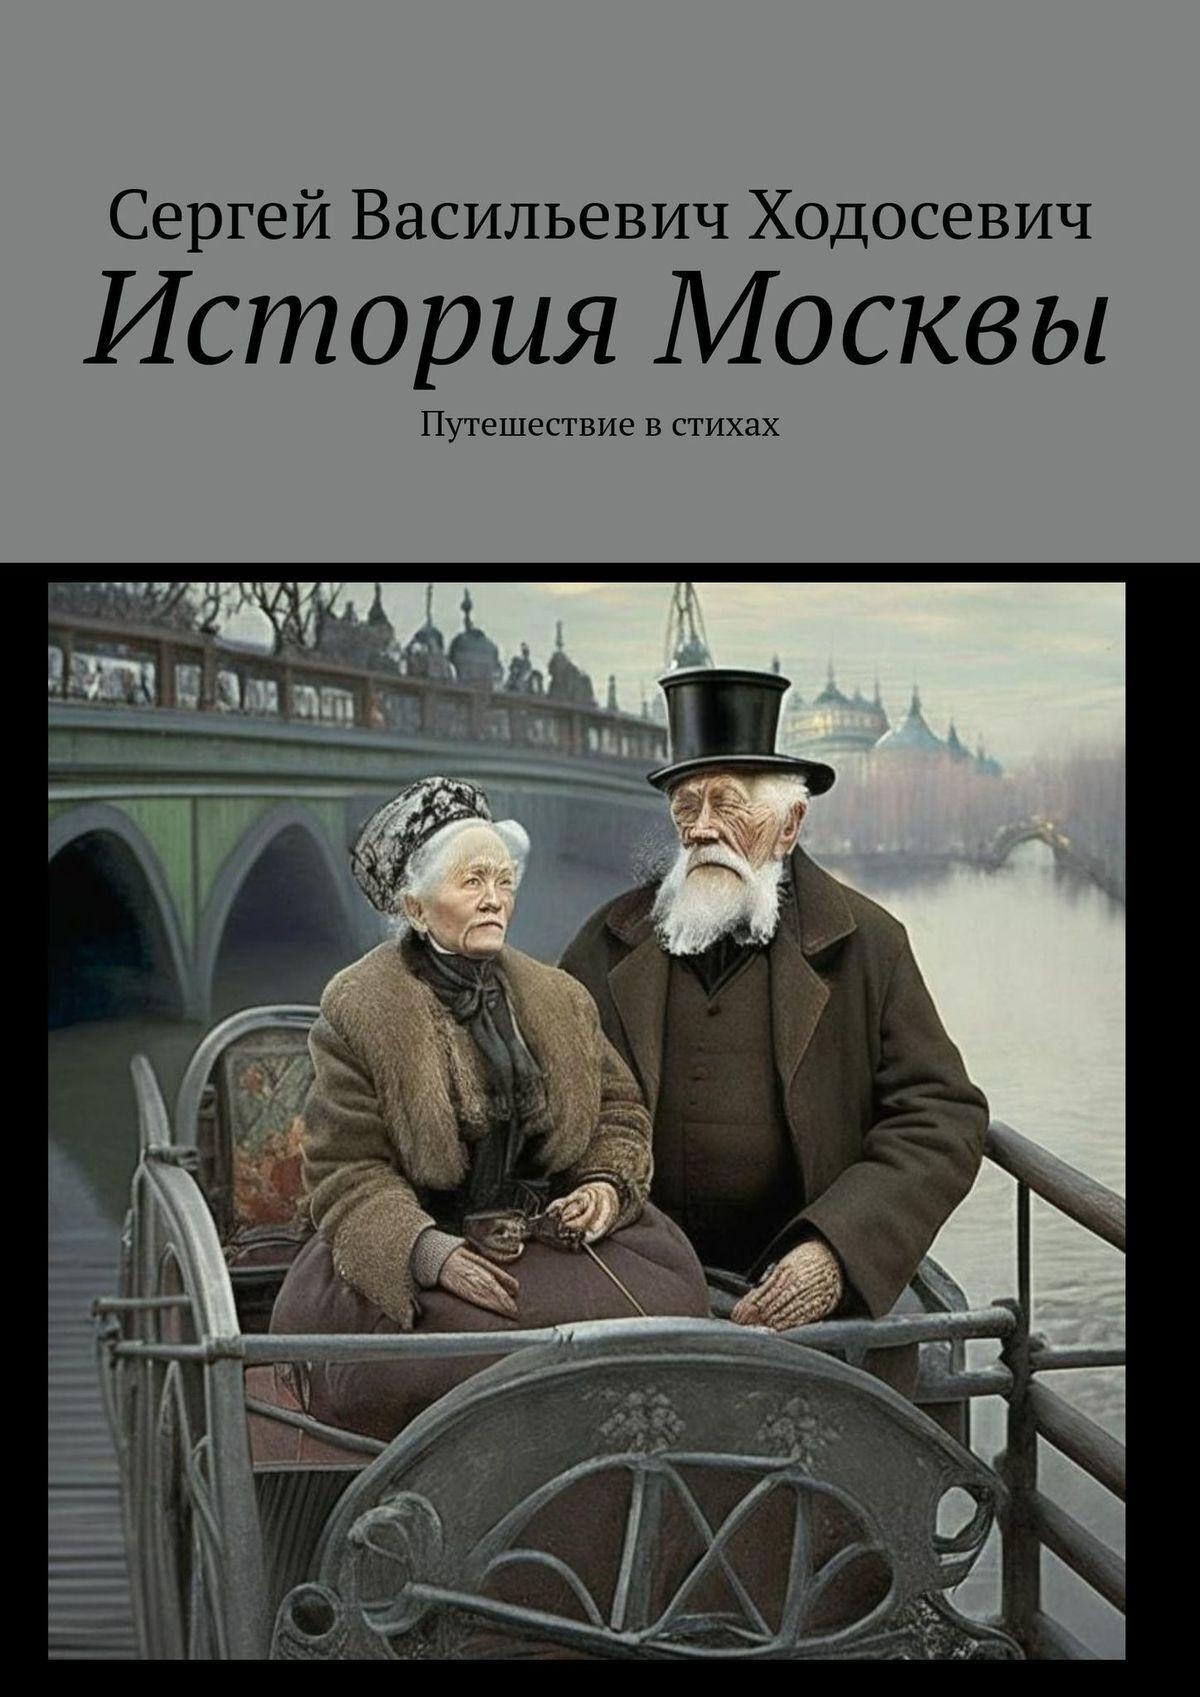 Сергей Васильевич Ходосевич История Москвы. Путешествие встихах дорого